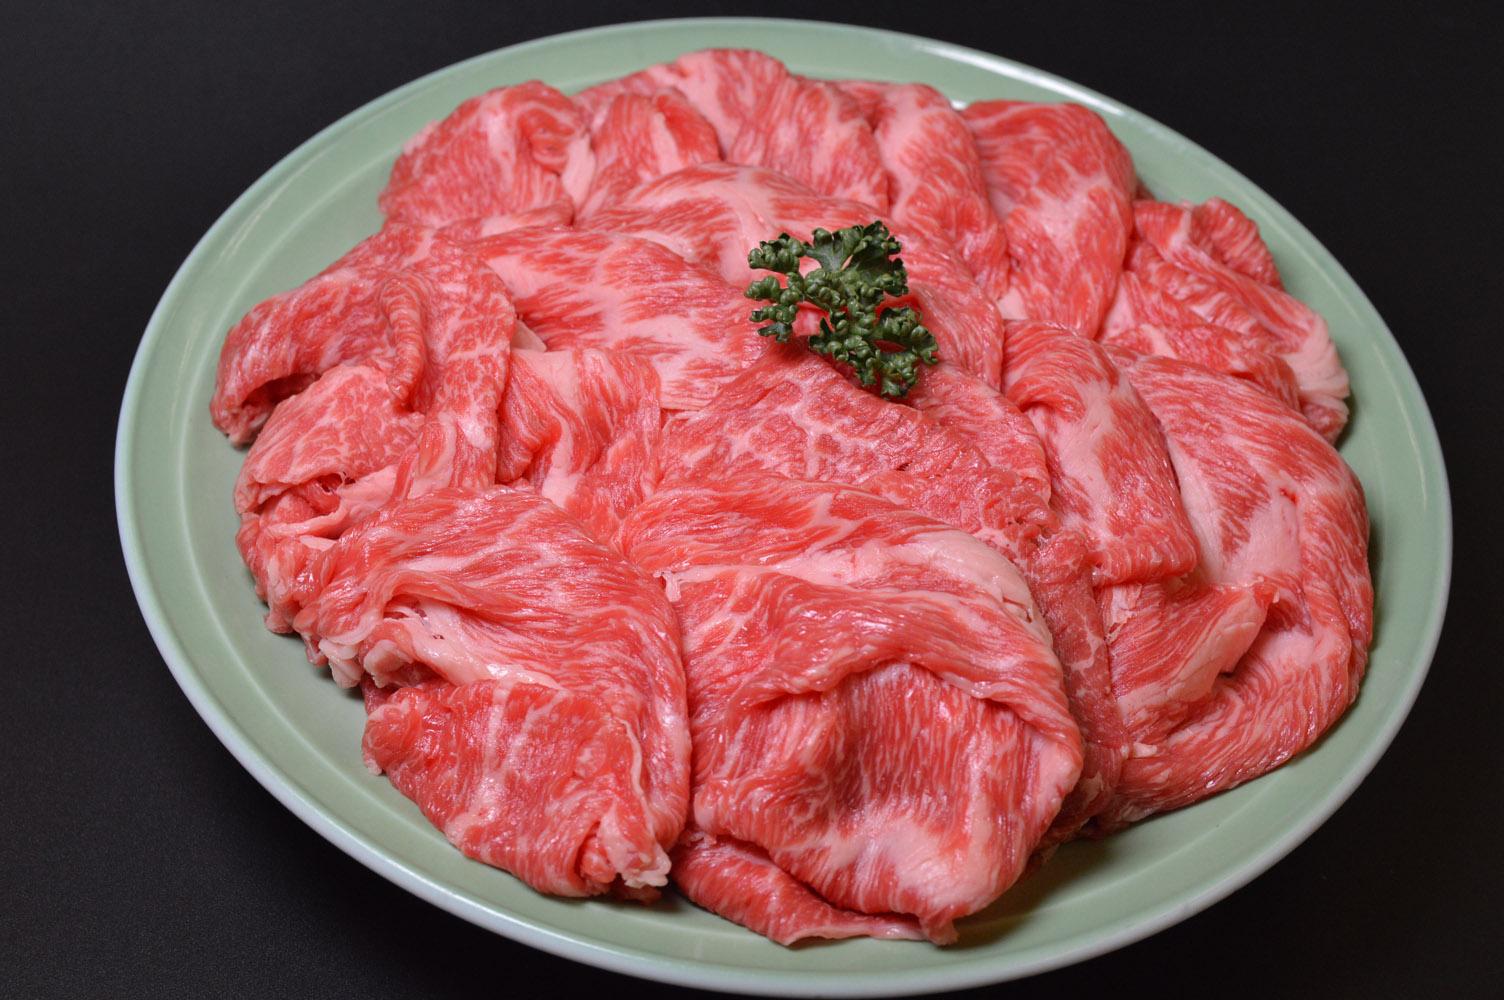 """一頭一頭丹念に匠の技でじっくり育て上げる京都の和牛 その中から品質を厳選したものが 伝統と文化の味""""京都肉"""" まさに美味の贅を極めた逸品です ふるさと納税 京の逸品 2020モデル モリタ屋 実物 切落とし 京都肉 京都 500g"""